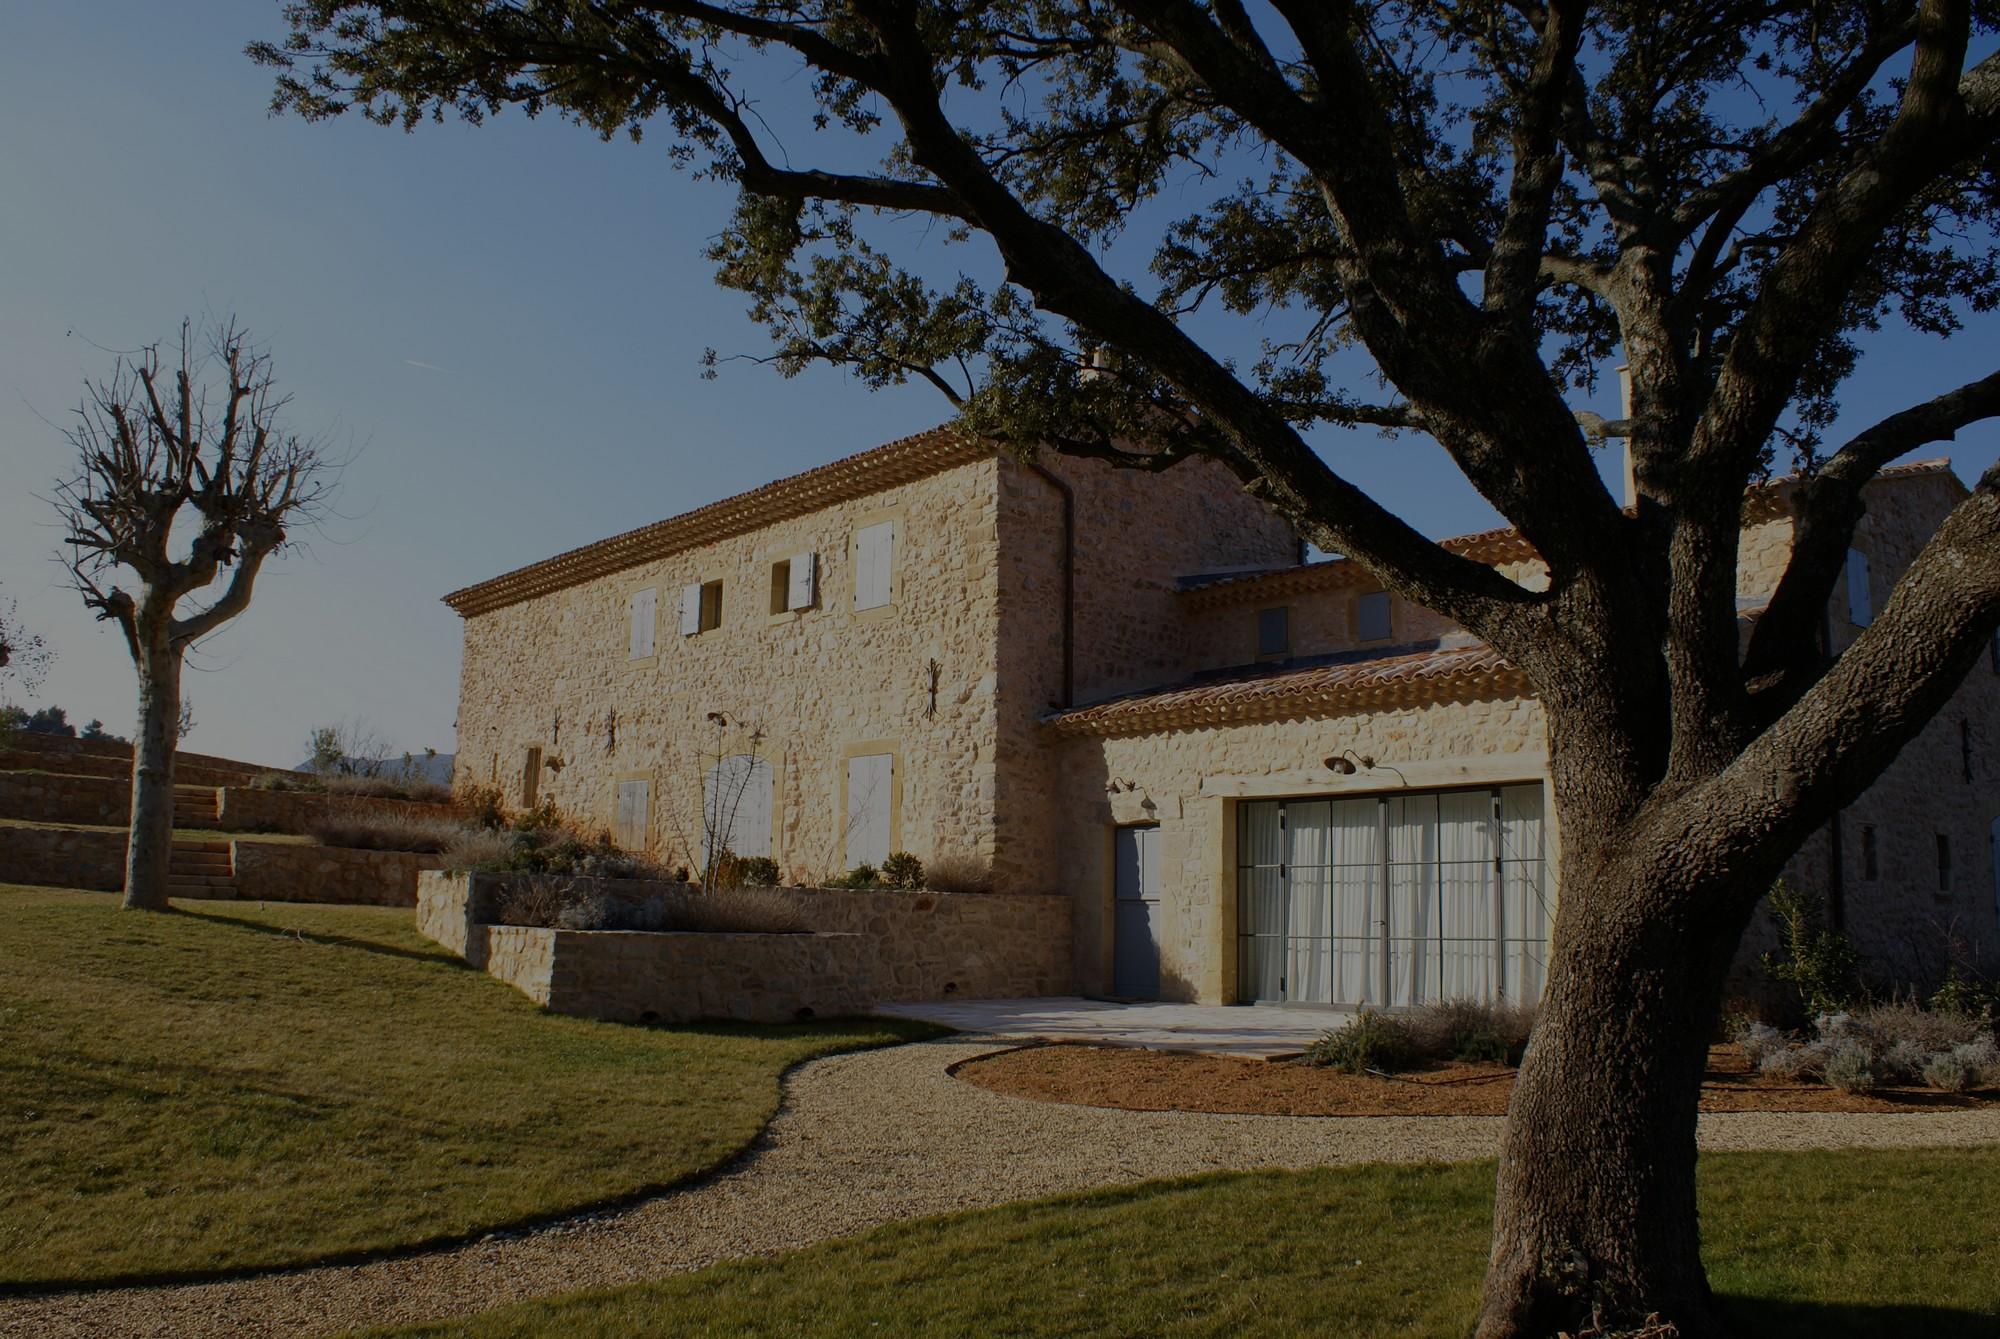 Entreprise De Maçonnerie Aix En Provence manfredi batisseurs – maçonnerie générale | rénovation et